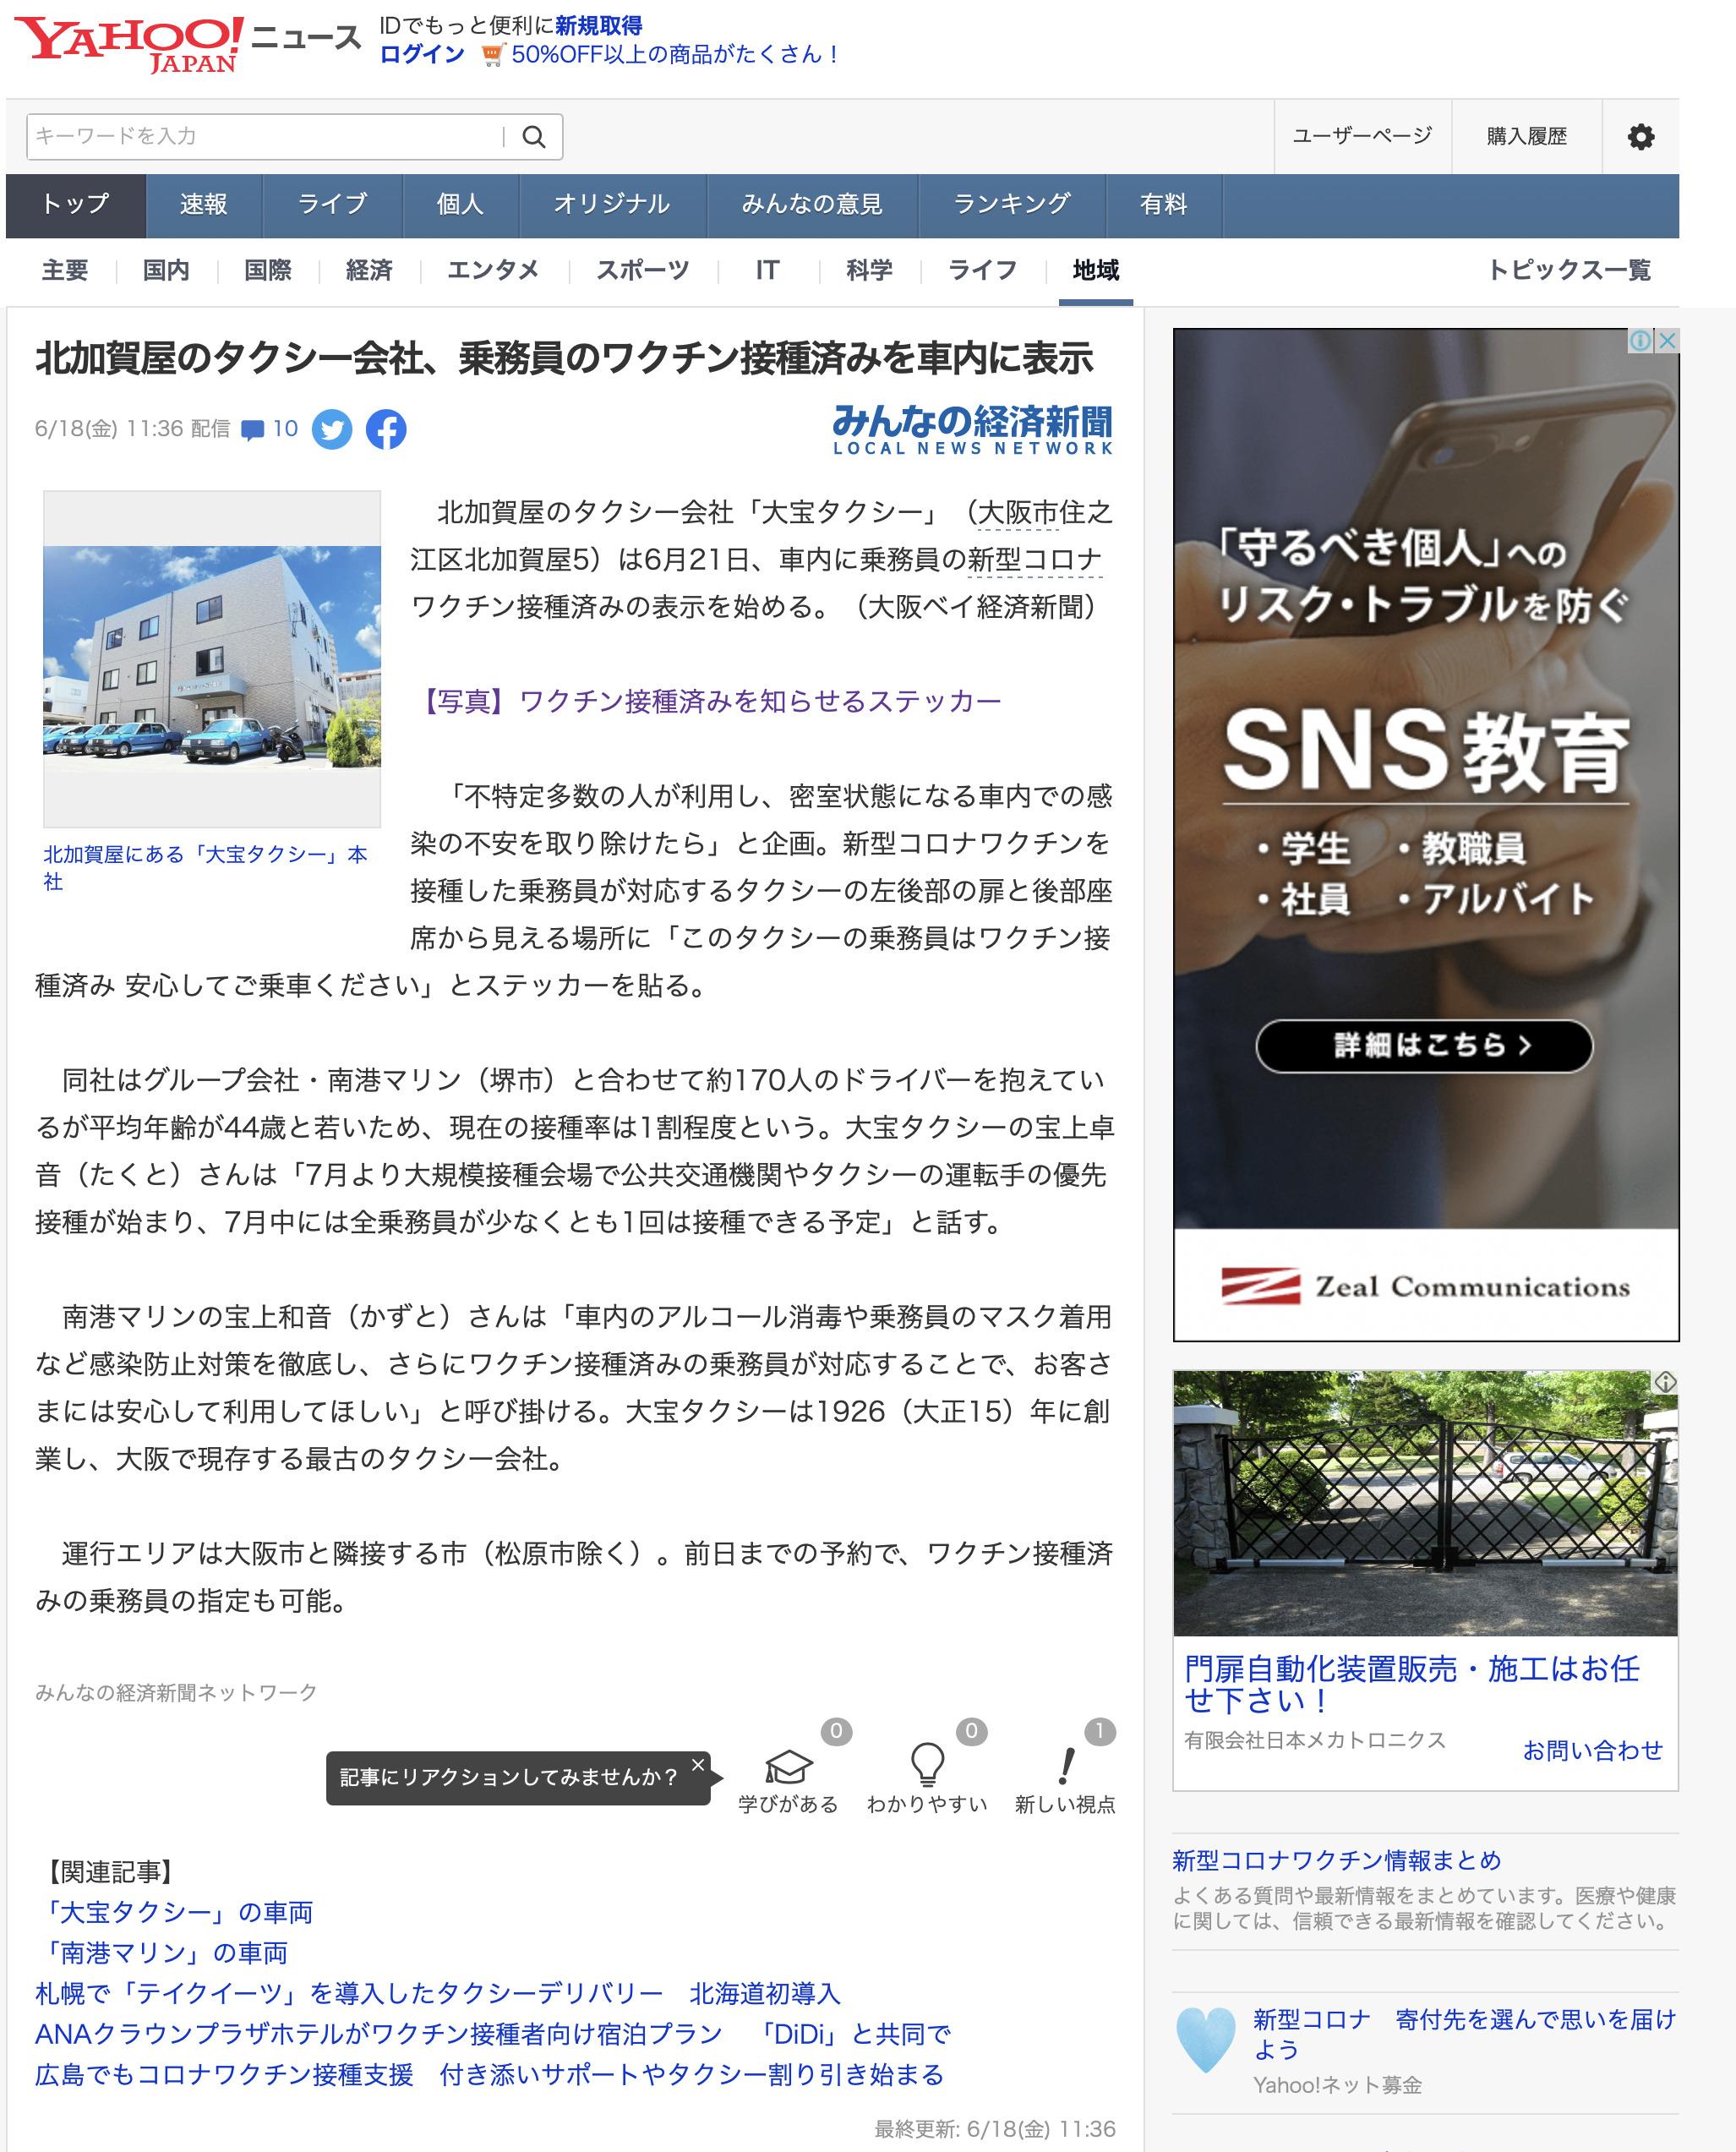 日本初のタクシーとして Yahooニュースに掲載されました。